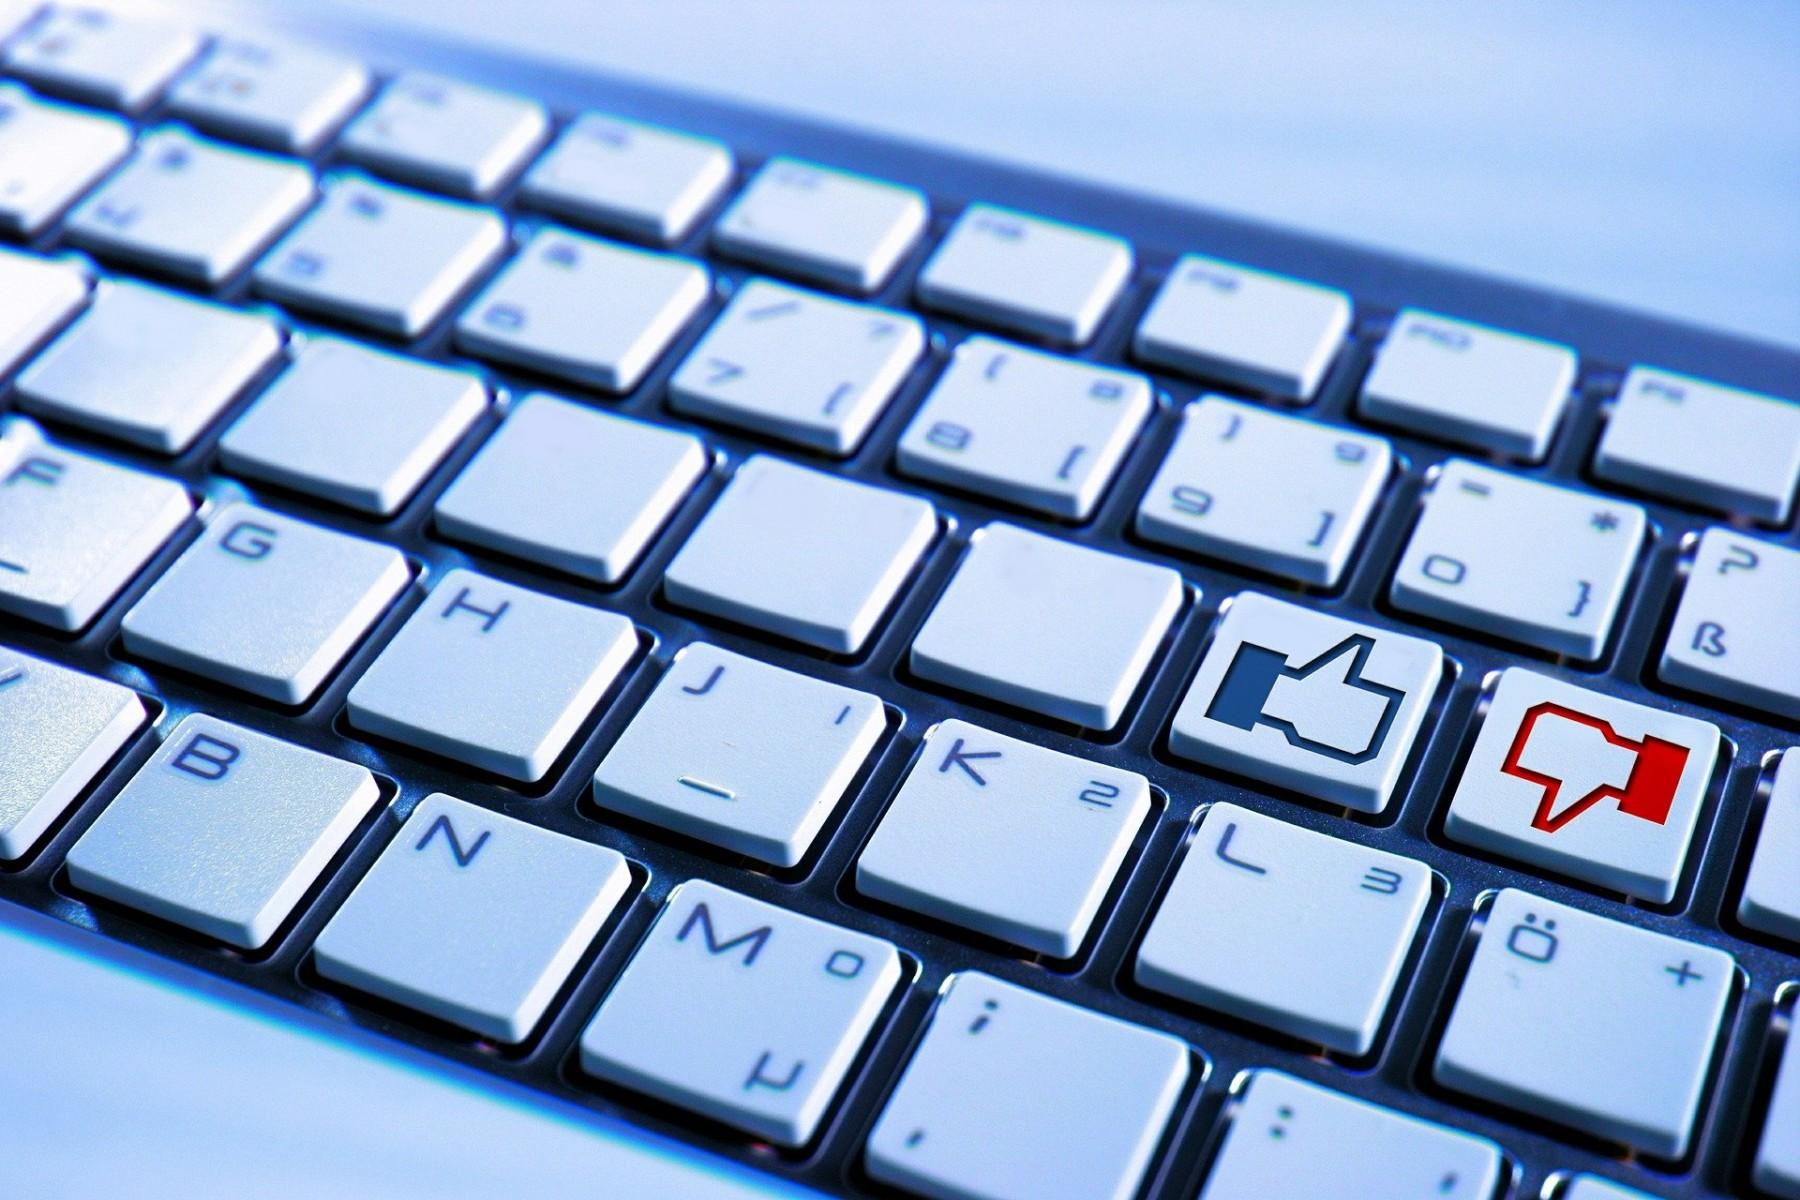 الإعجاب بمقالة عبر الإنترنت قد يعني قضاء وقت أقل في قراءتها - الضغط على زر الإعجاب - قراءة المقالات على شبكة الإنترنت - التفاعل